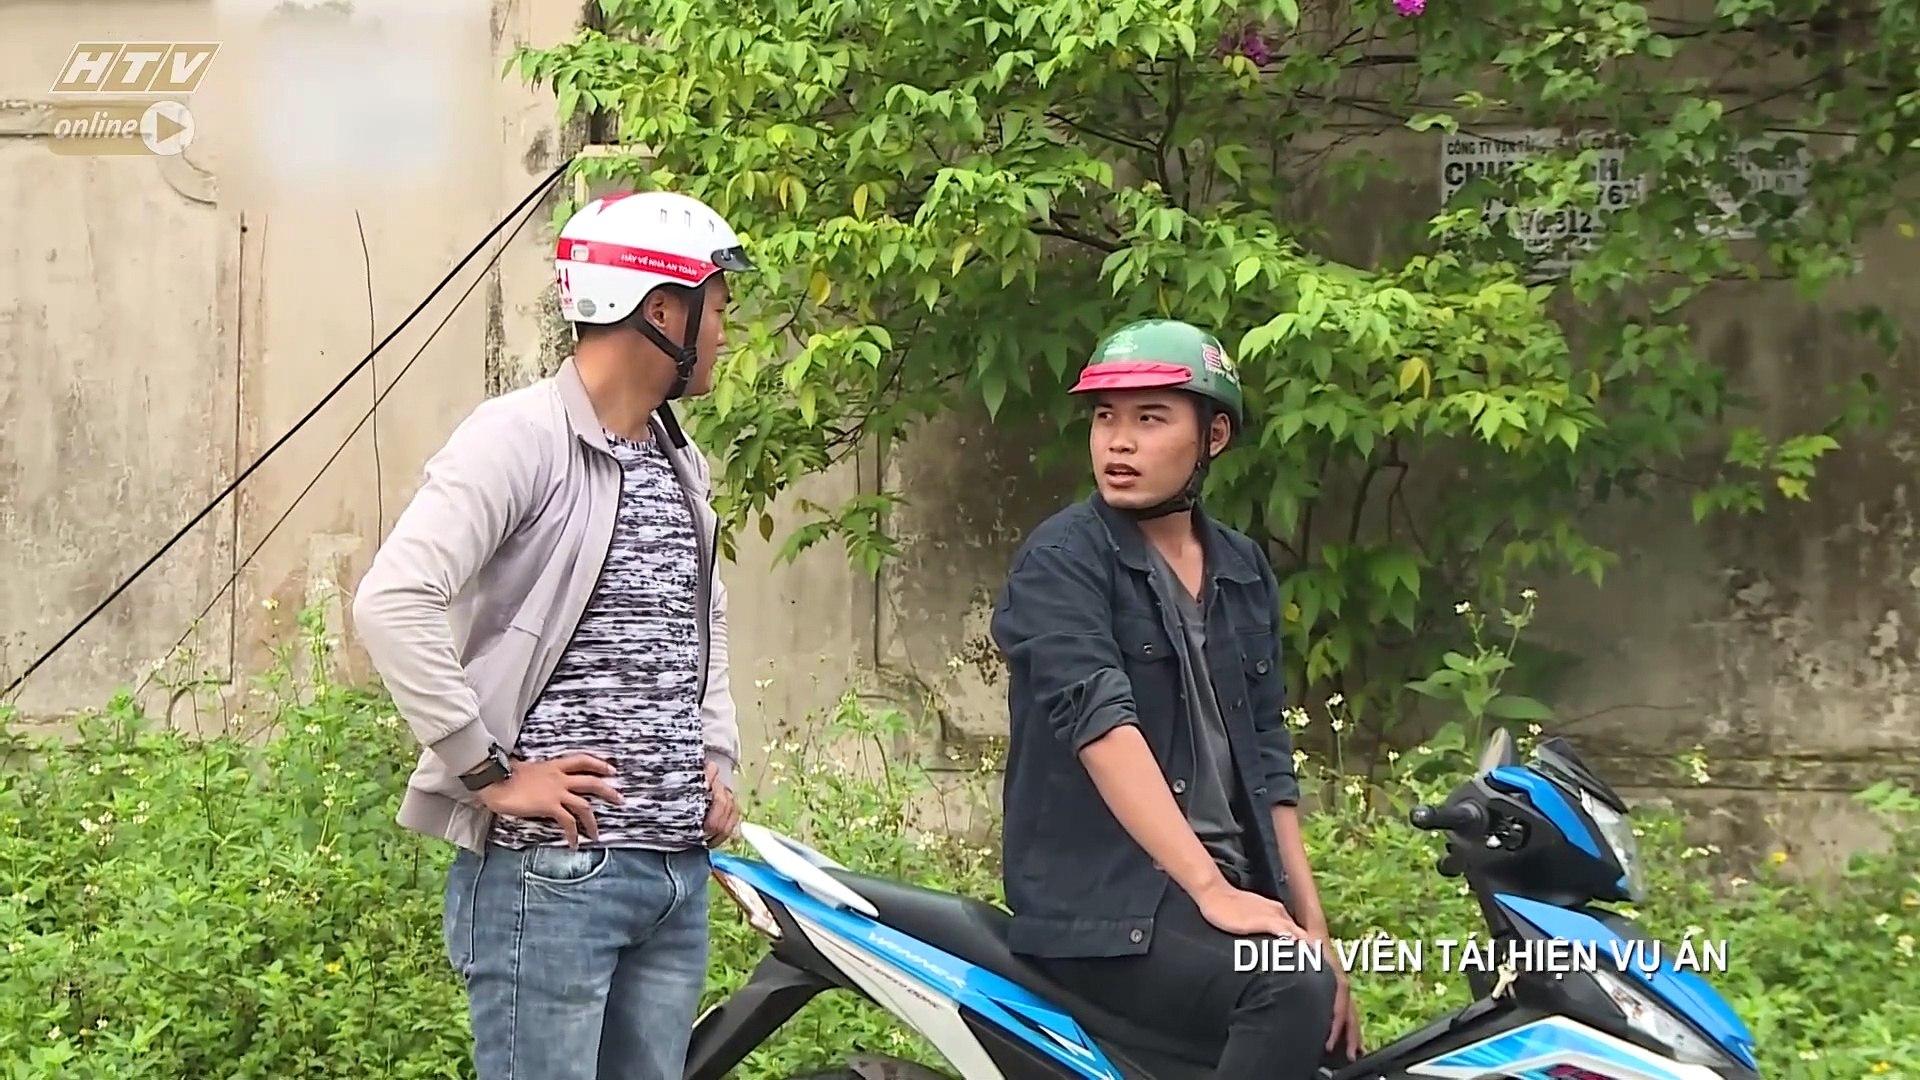 LẦN THEO DẤU VẾT - MAO CA ẨN MÌNH - HTV LTDV - 05-08-2019